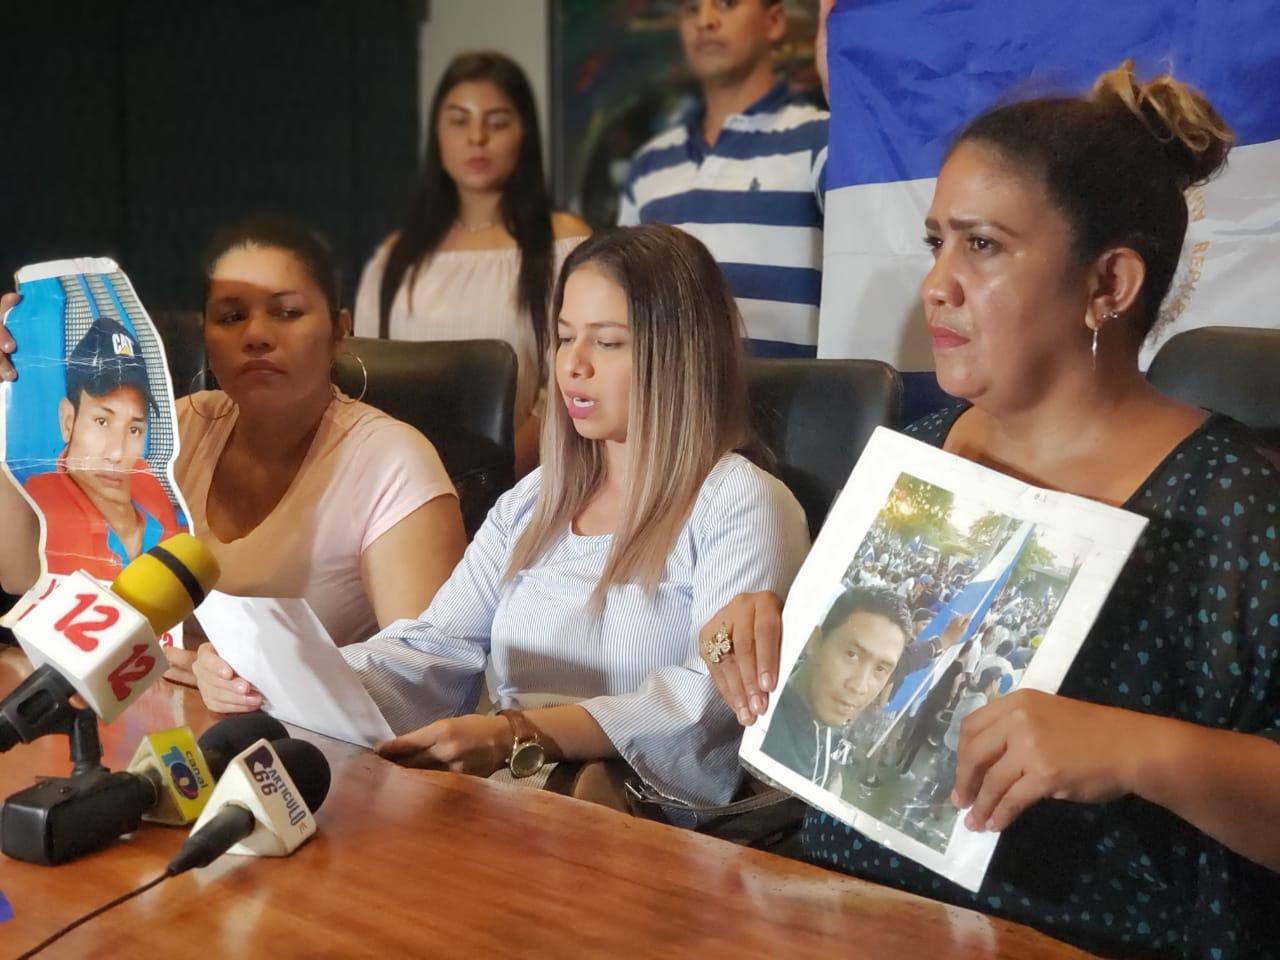 AFFP solicita al Consejo de Derechos Humanos de Naciones Unidas que exija al régimen de Ortega el cumplimientos de sus recomendaciones. Foto: Artículo 66